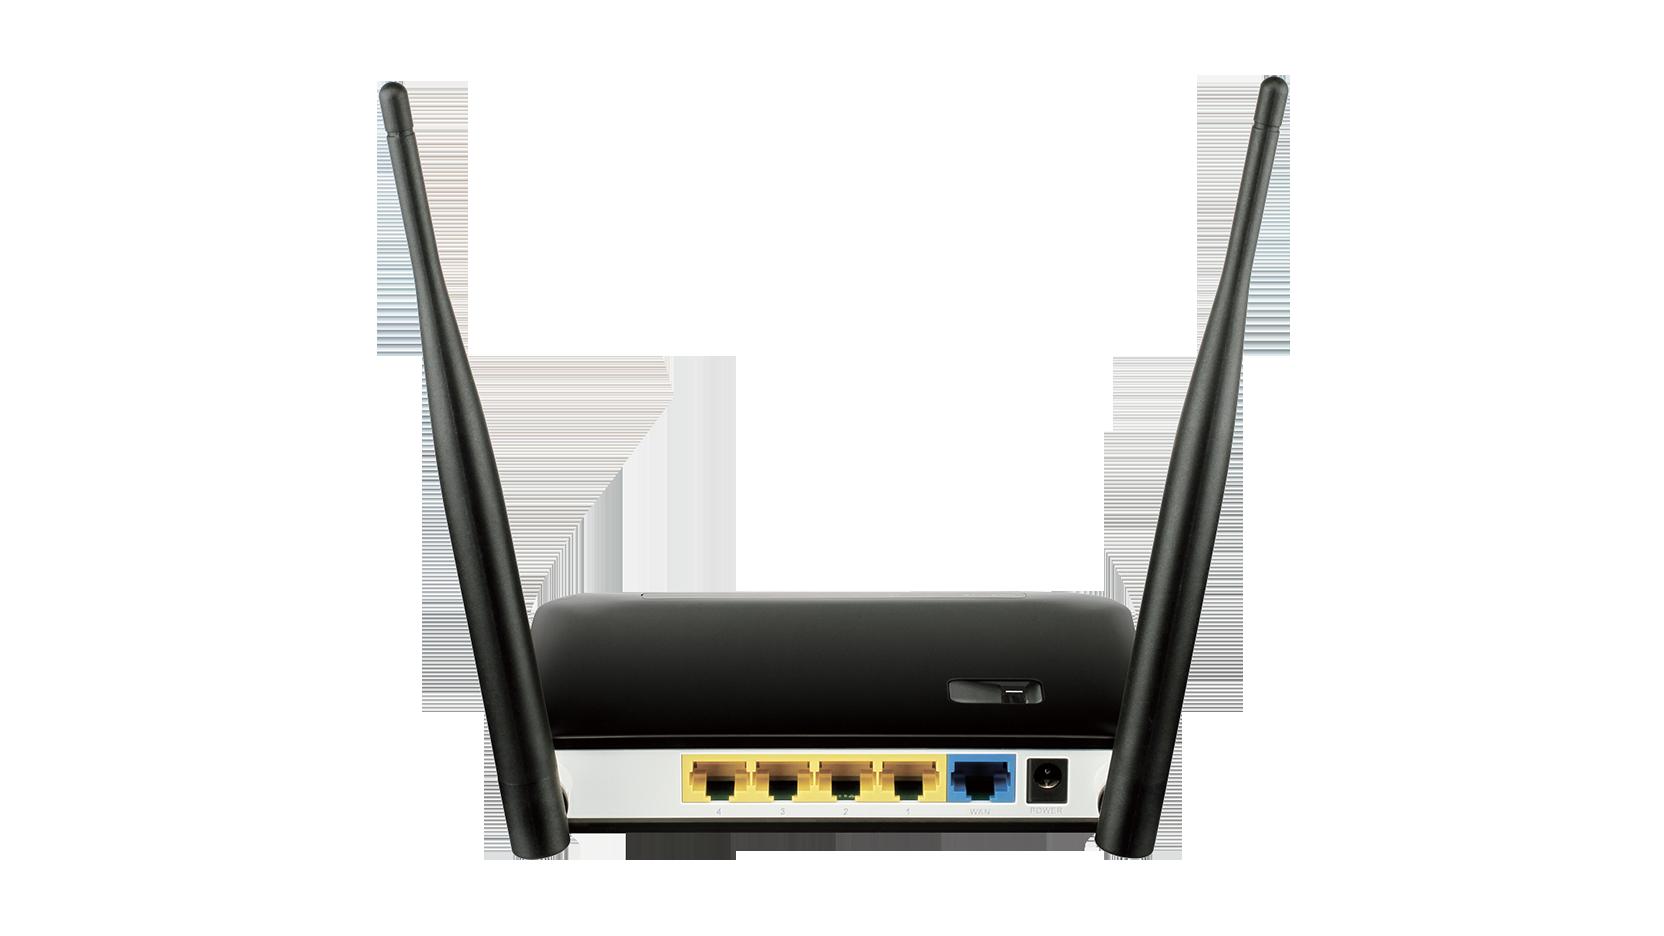 Wireless N300 Multi-WAN Router | D-Link UK